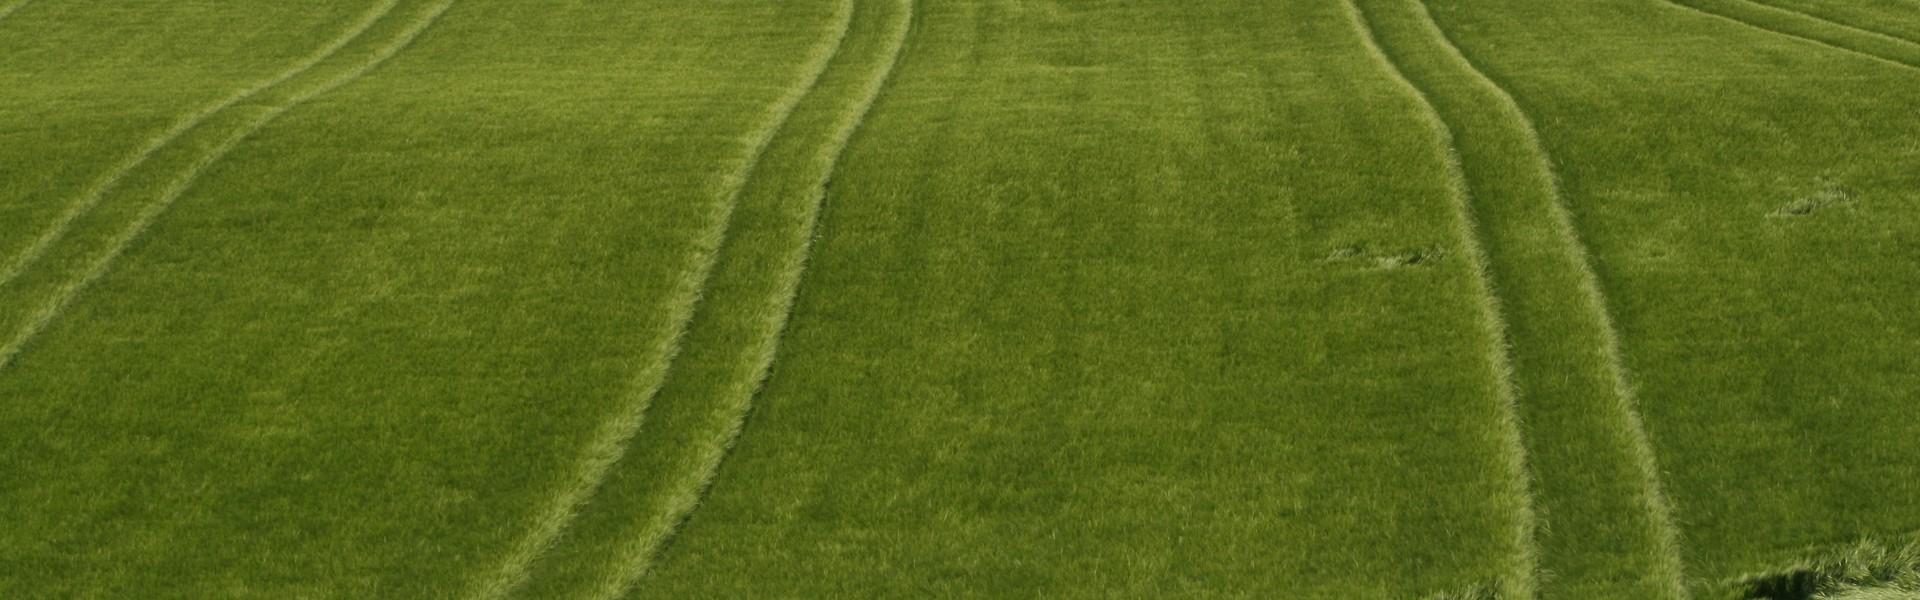 Getreidefeld grün nahe dem Golf- und Landhotel Anetseder